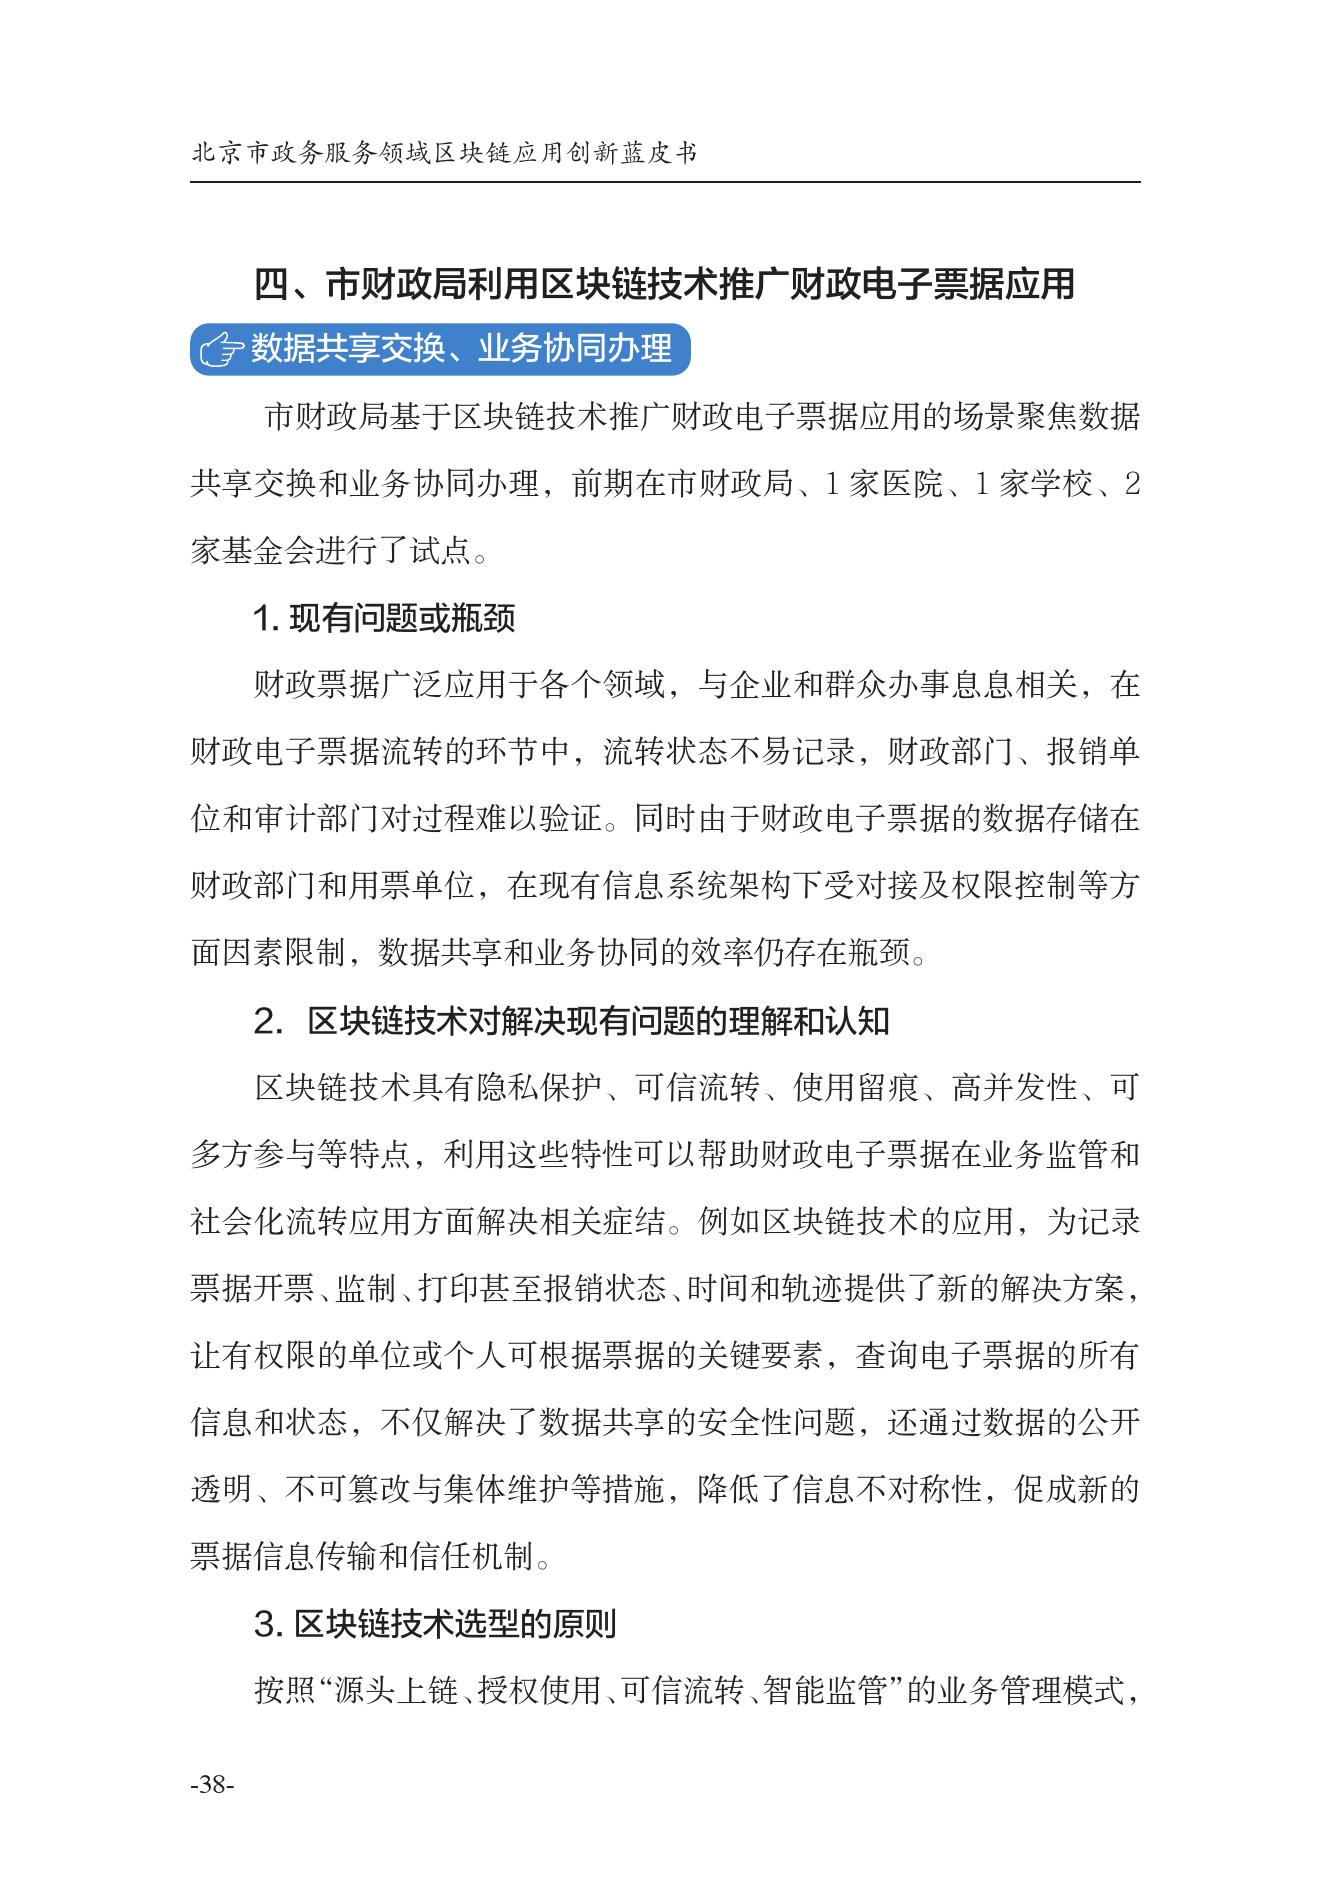 北京市政务服务领域区块链应用创新蓝皮书(可下载报告)插图(81)